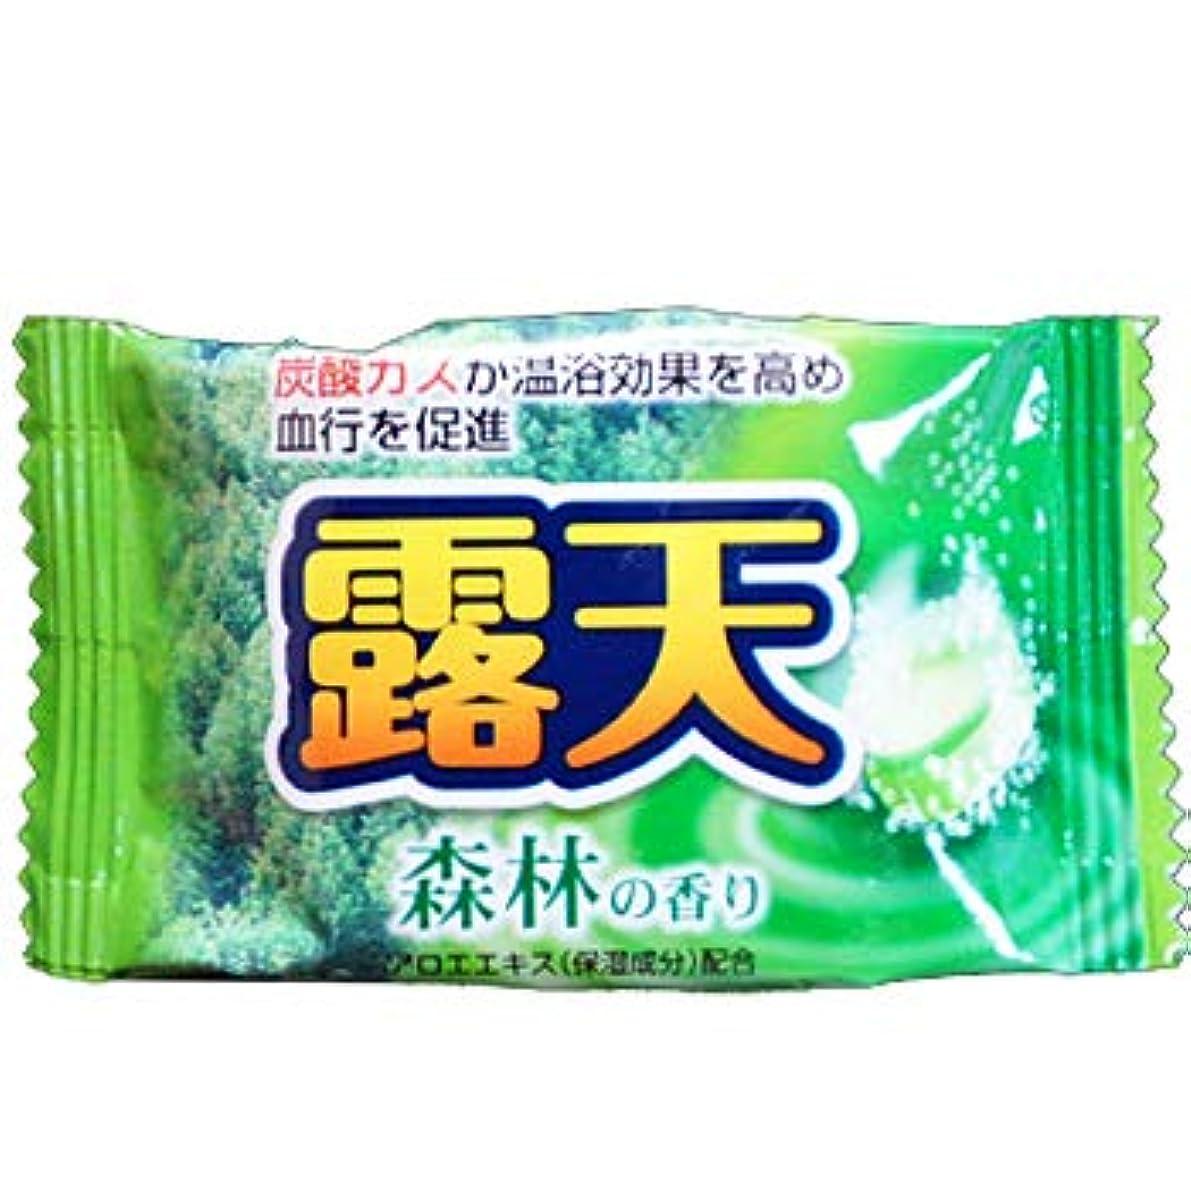 閉じ込めるセメント国際薬用発泡入浴剤 露天40g 森林の香り(1セット400個入)